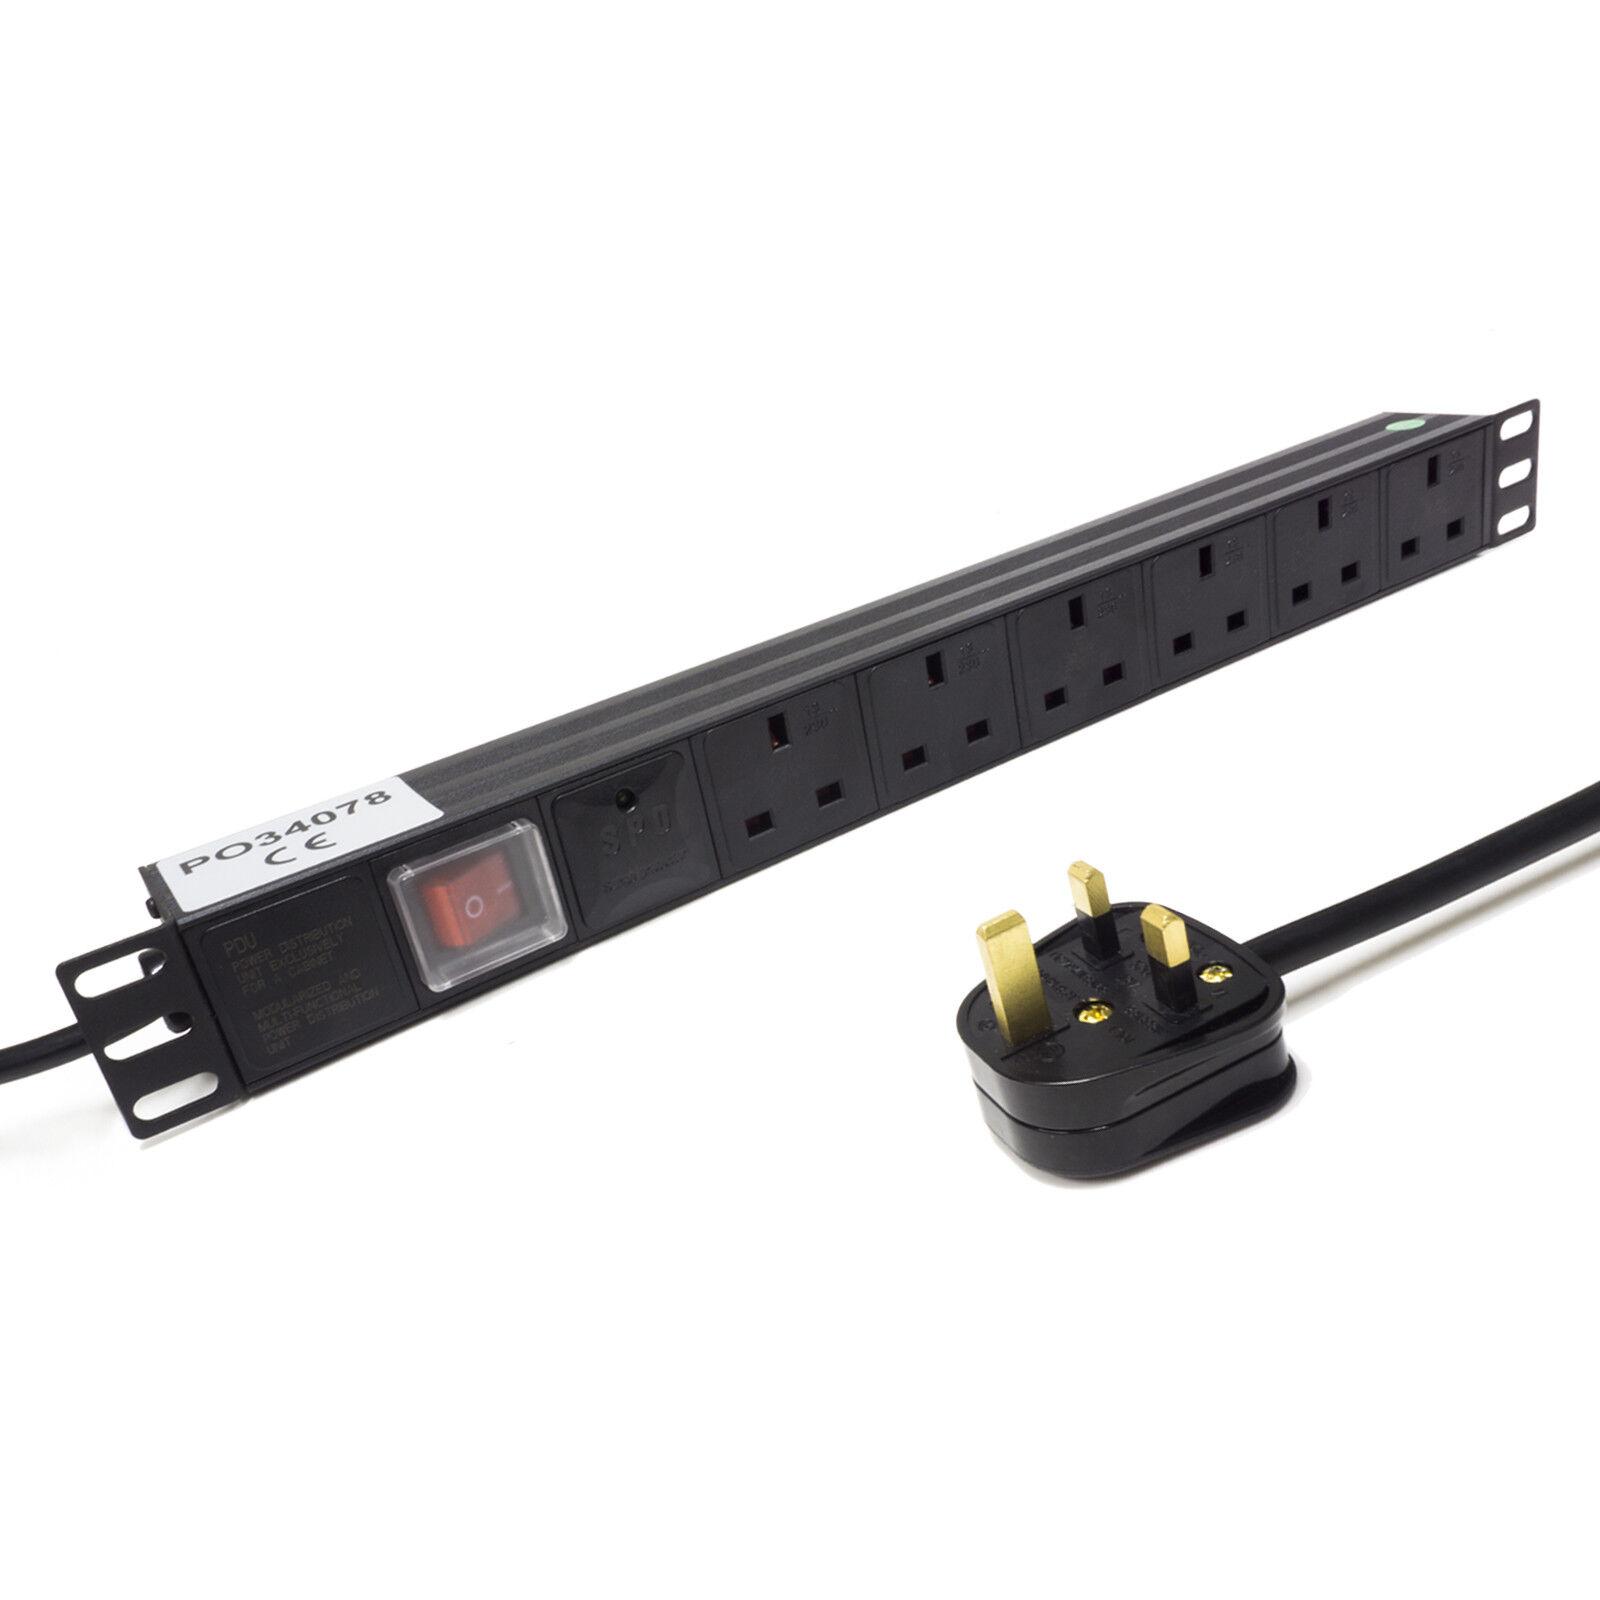 1U 48.3cm Rack Halterung Pdu Strom Streifen. Anstieg Sicher UK Stecker auf 6